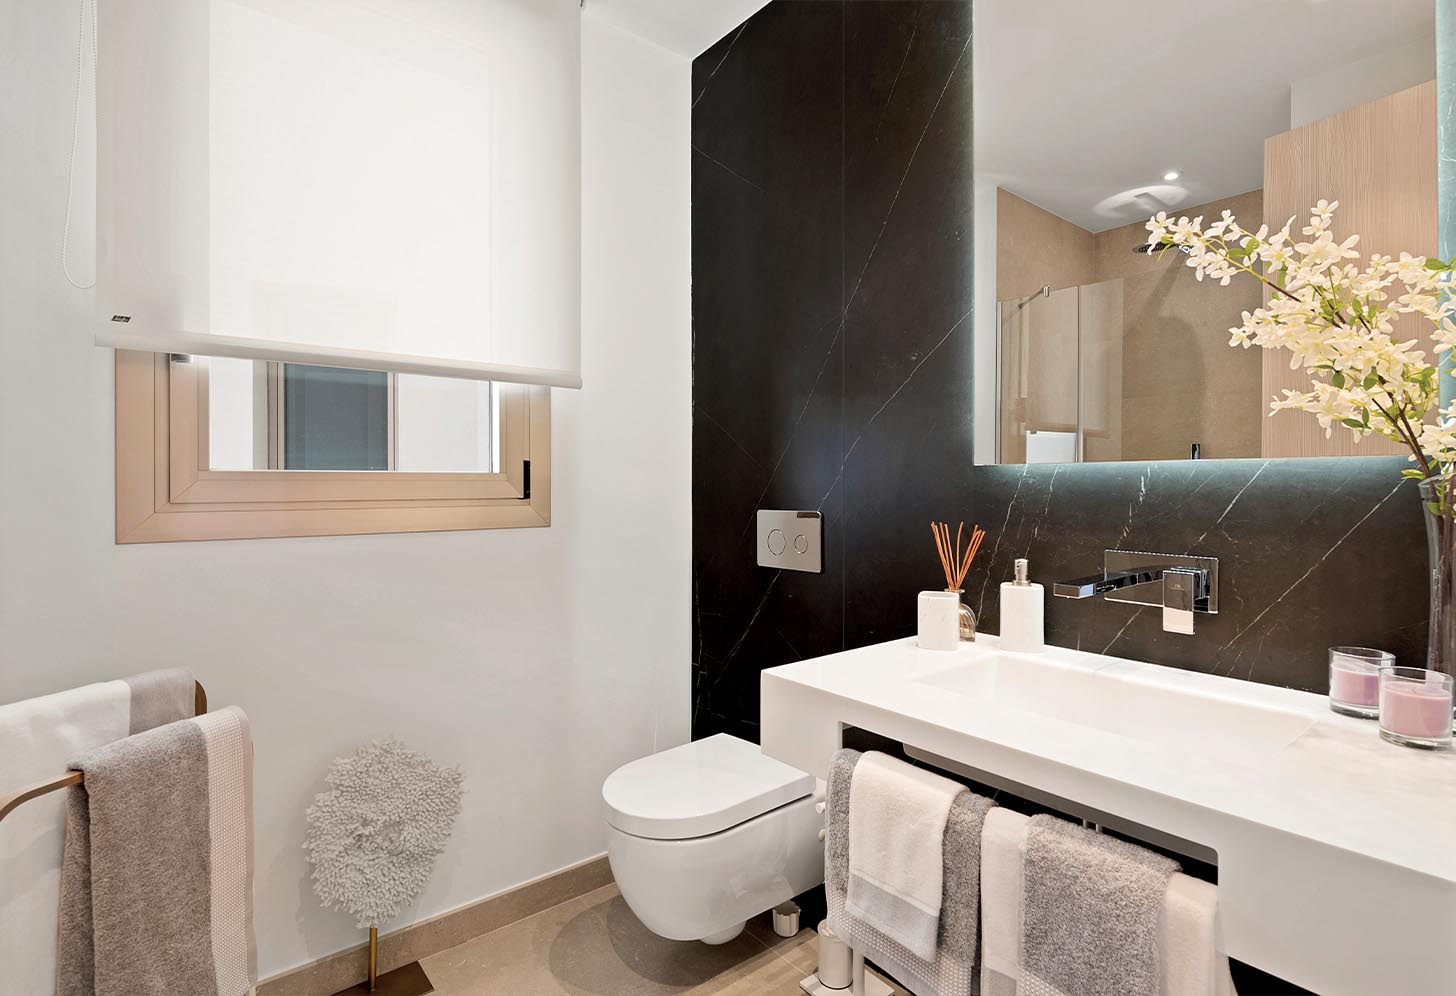 immobilier neuf espagne costa del sol on-e7 aria by the beach salle de bain